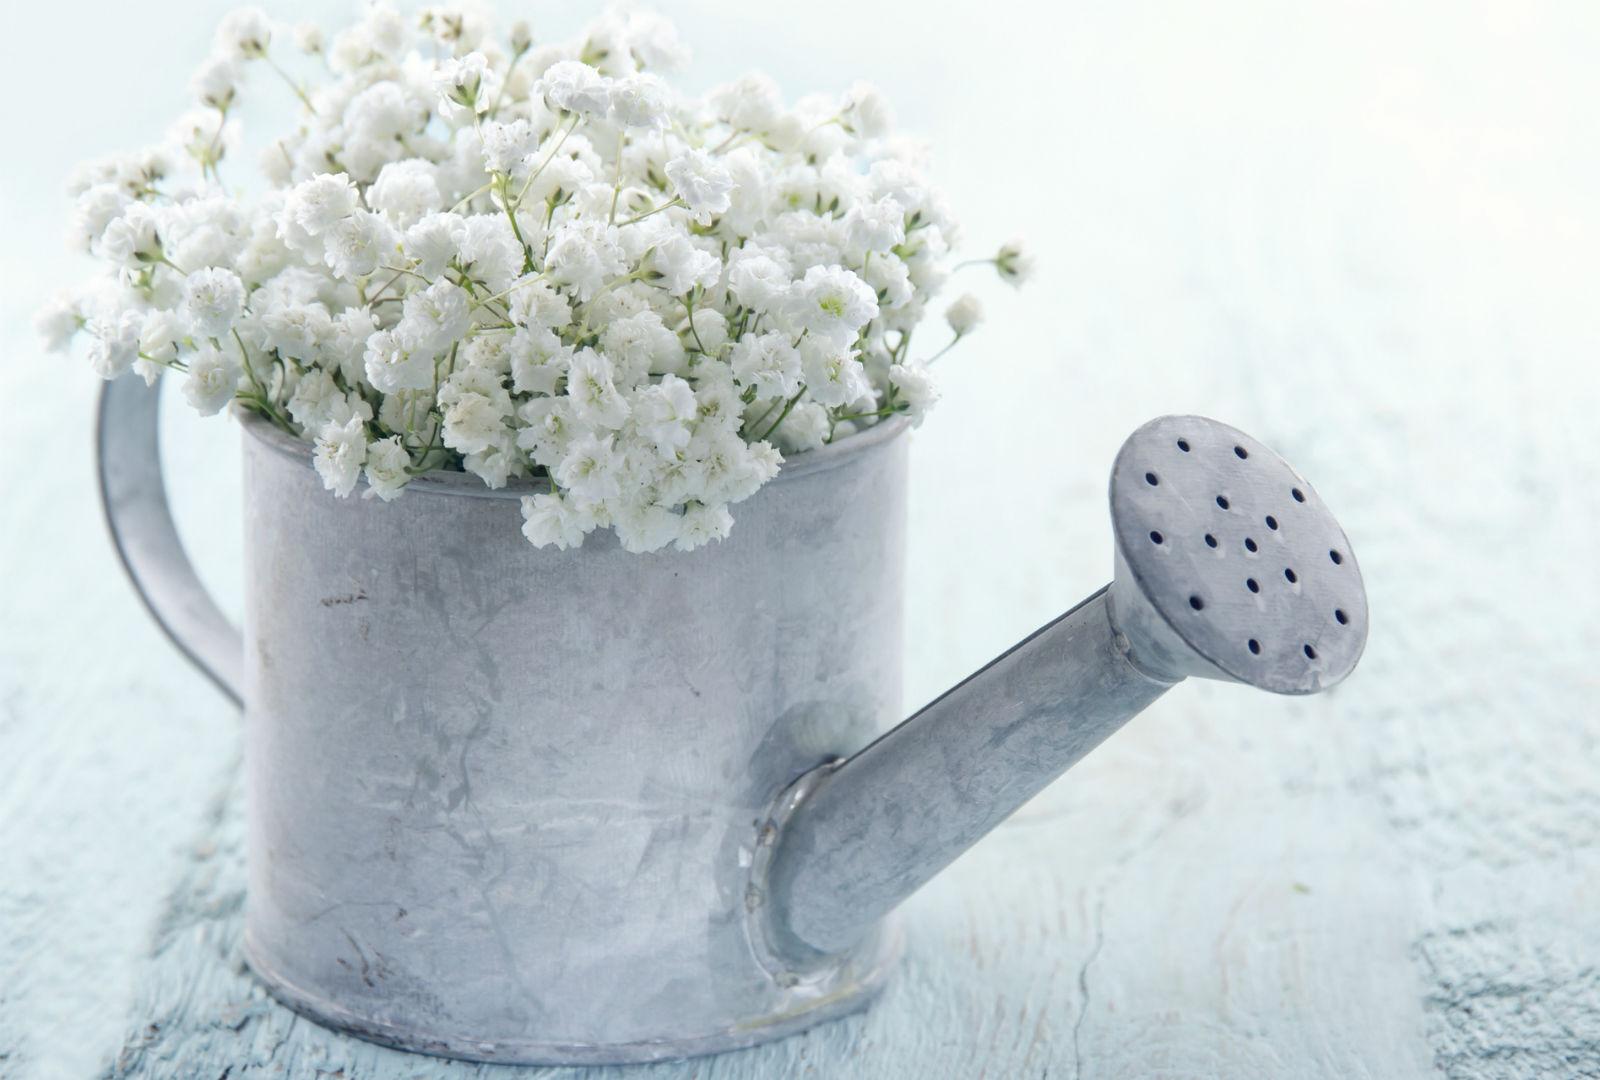 銀色のじょうろに白い花が生けられているイメージ。